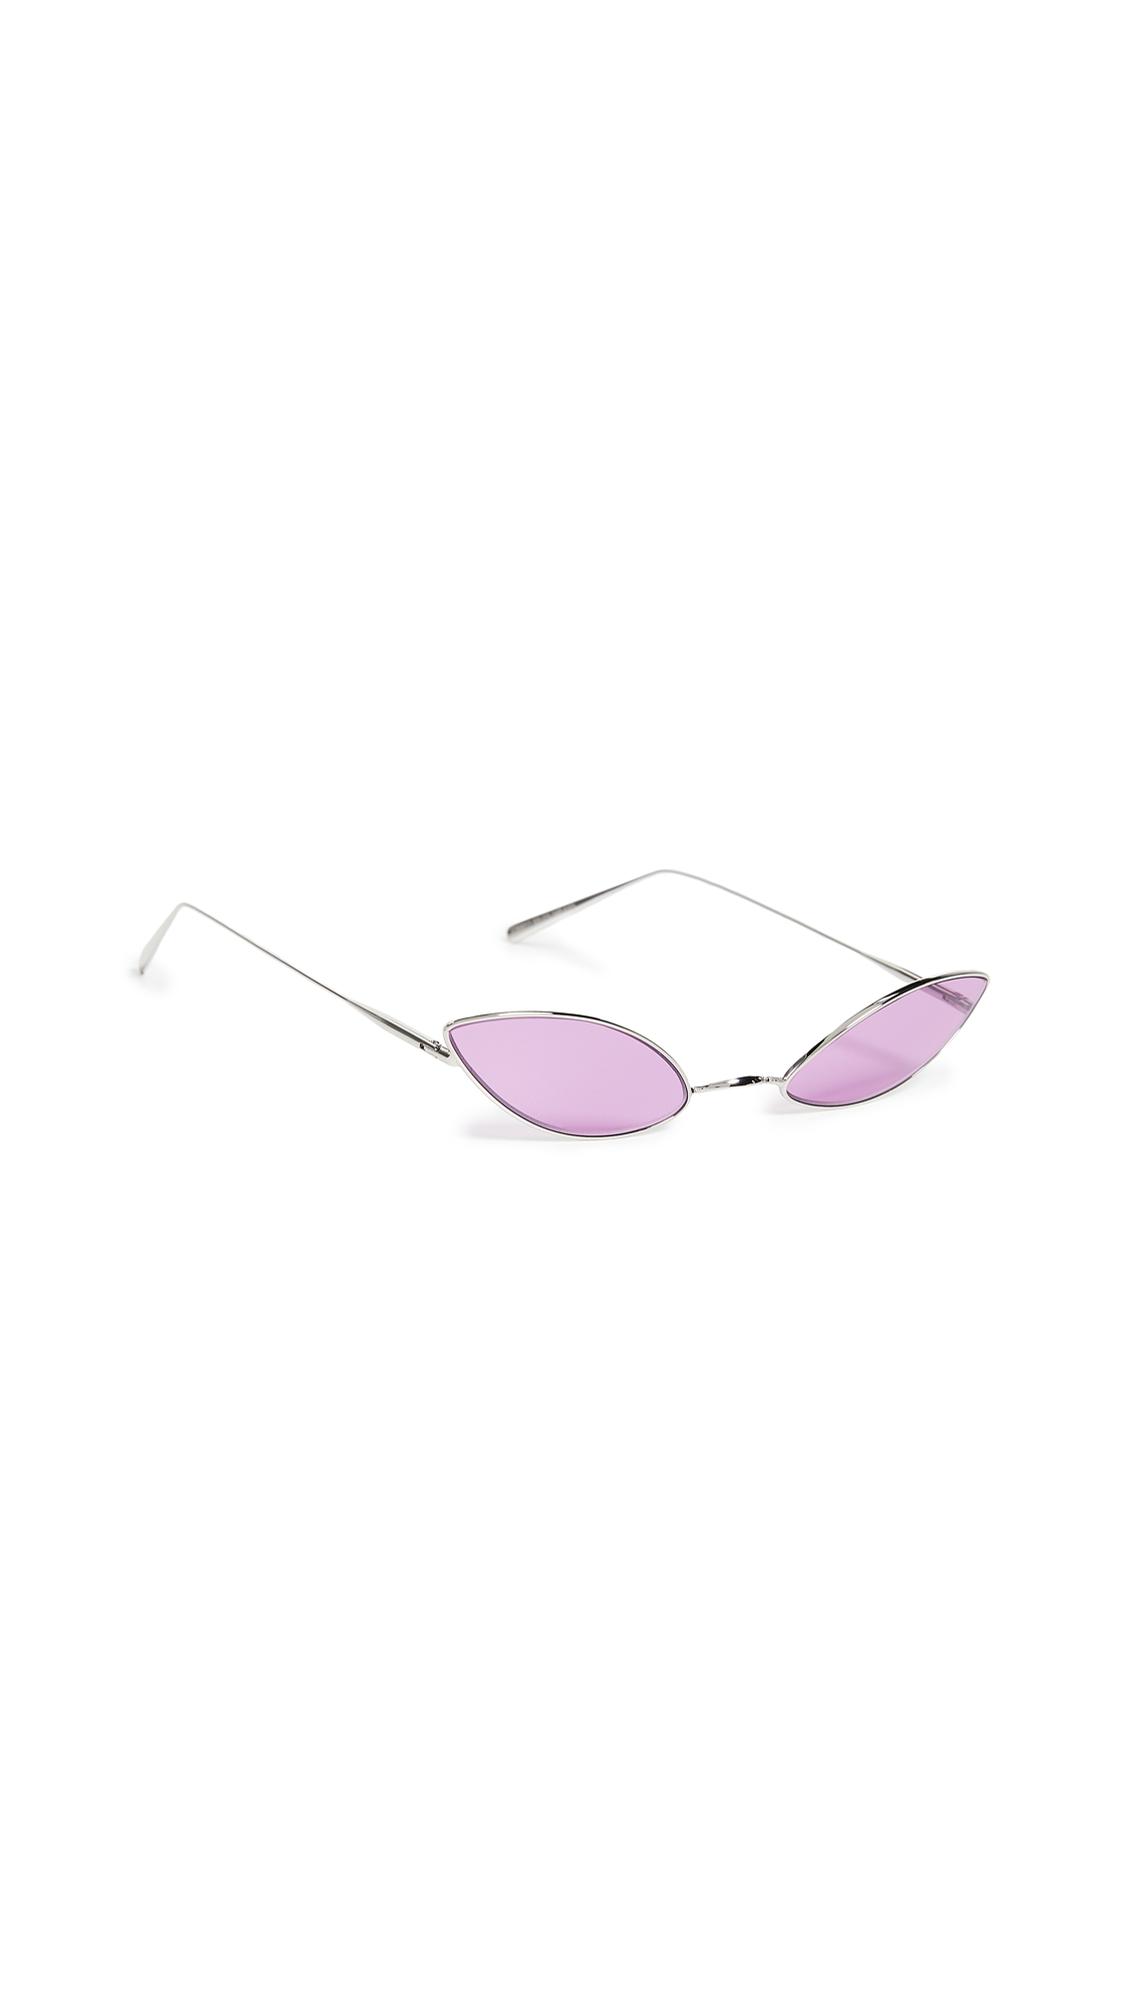 Acne Studios Astaria Sunglasses - Silver/Purple